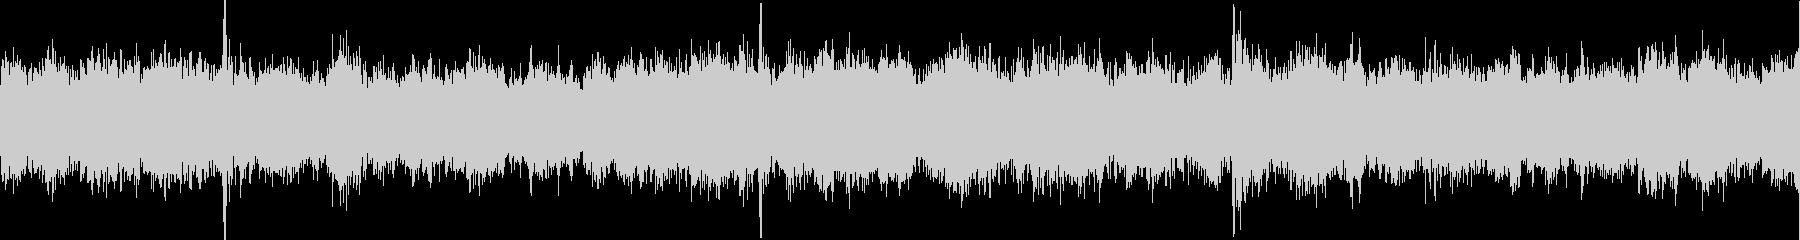 チュイーン、キュイーン(整備、工作音)の未再生の波形